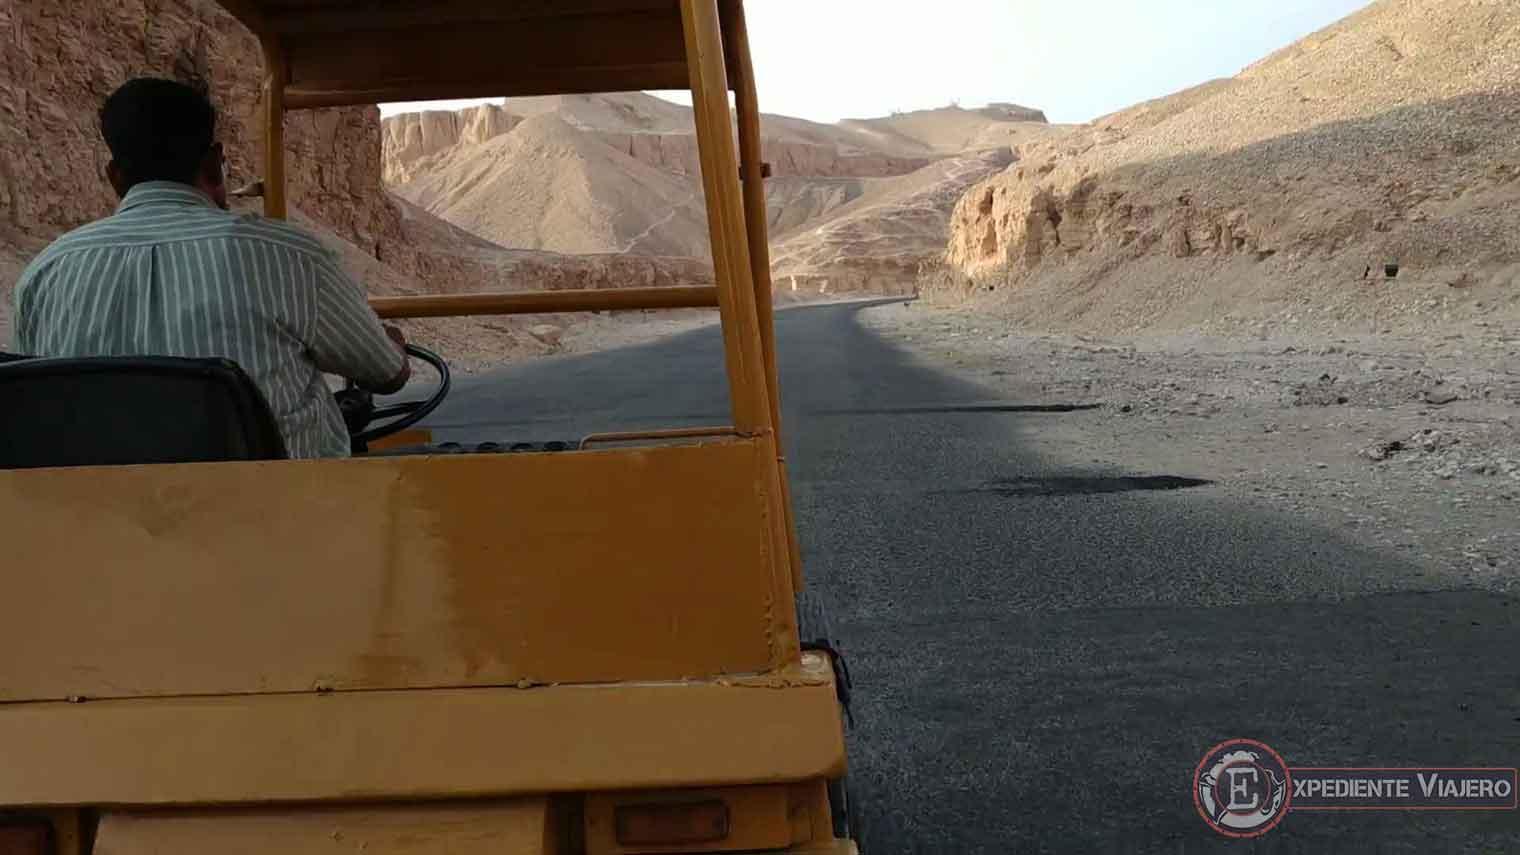 Trenecito para llegar al Valle de los Reyes